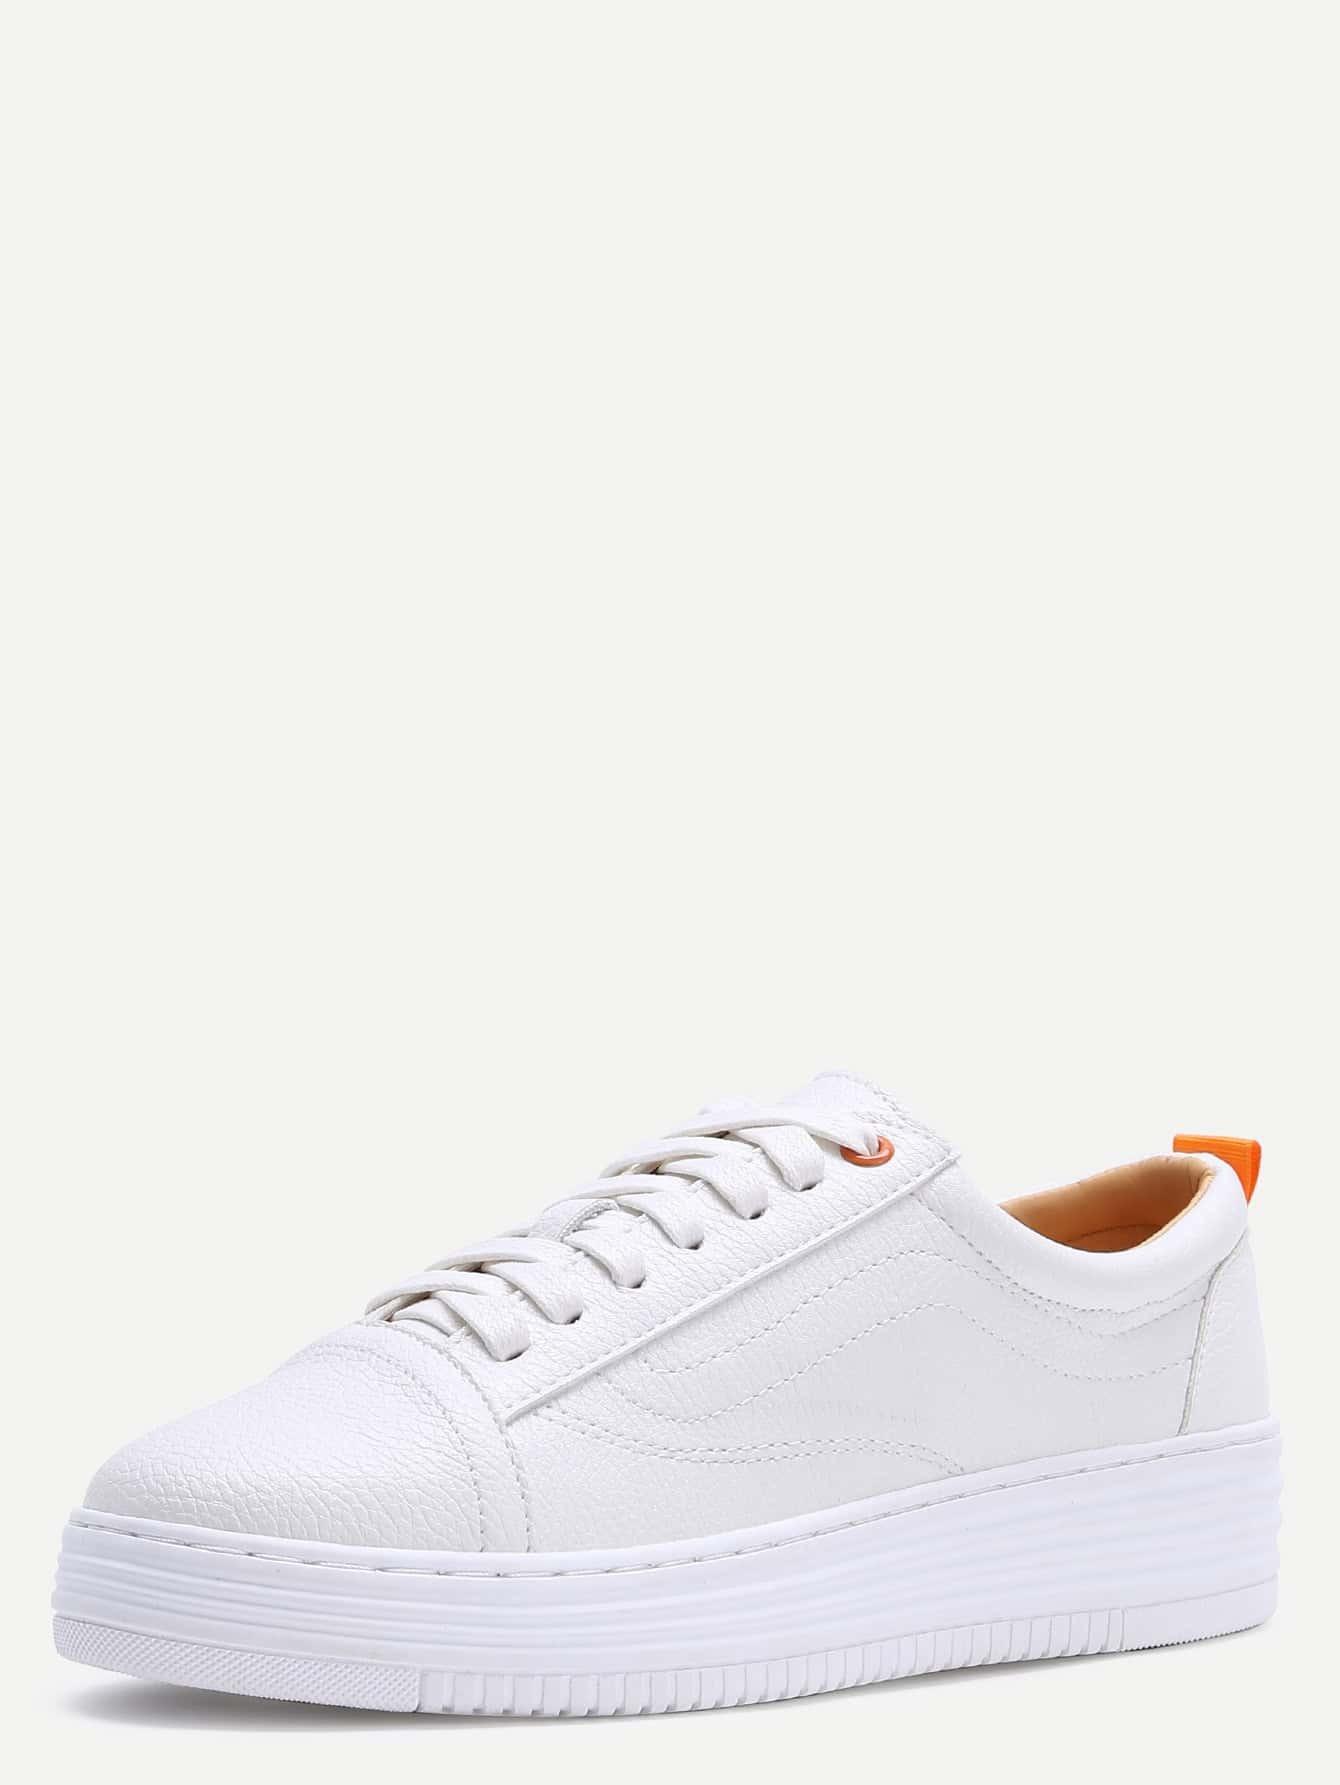 shoes161223804_2